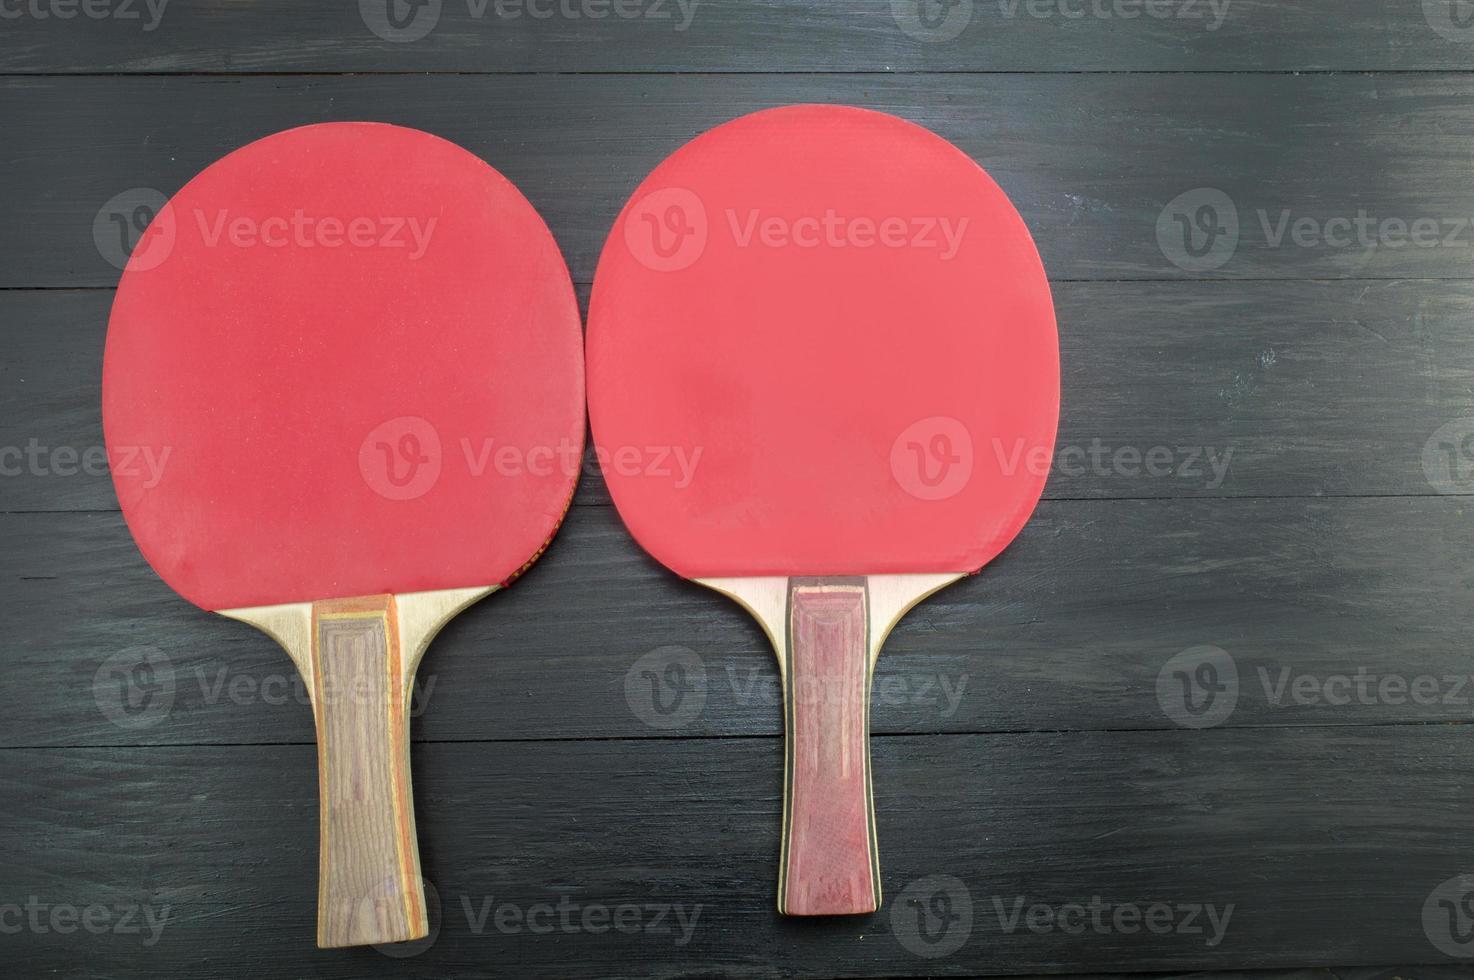 två röda bordtennisracketar på mörk bakgrund foto